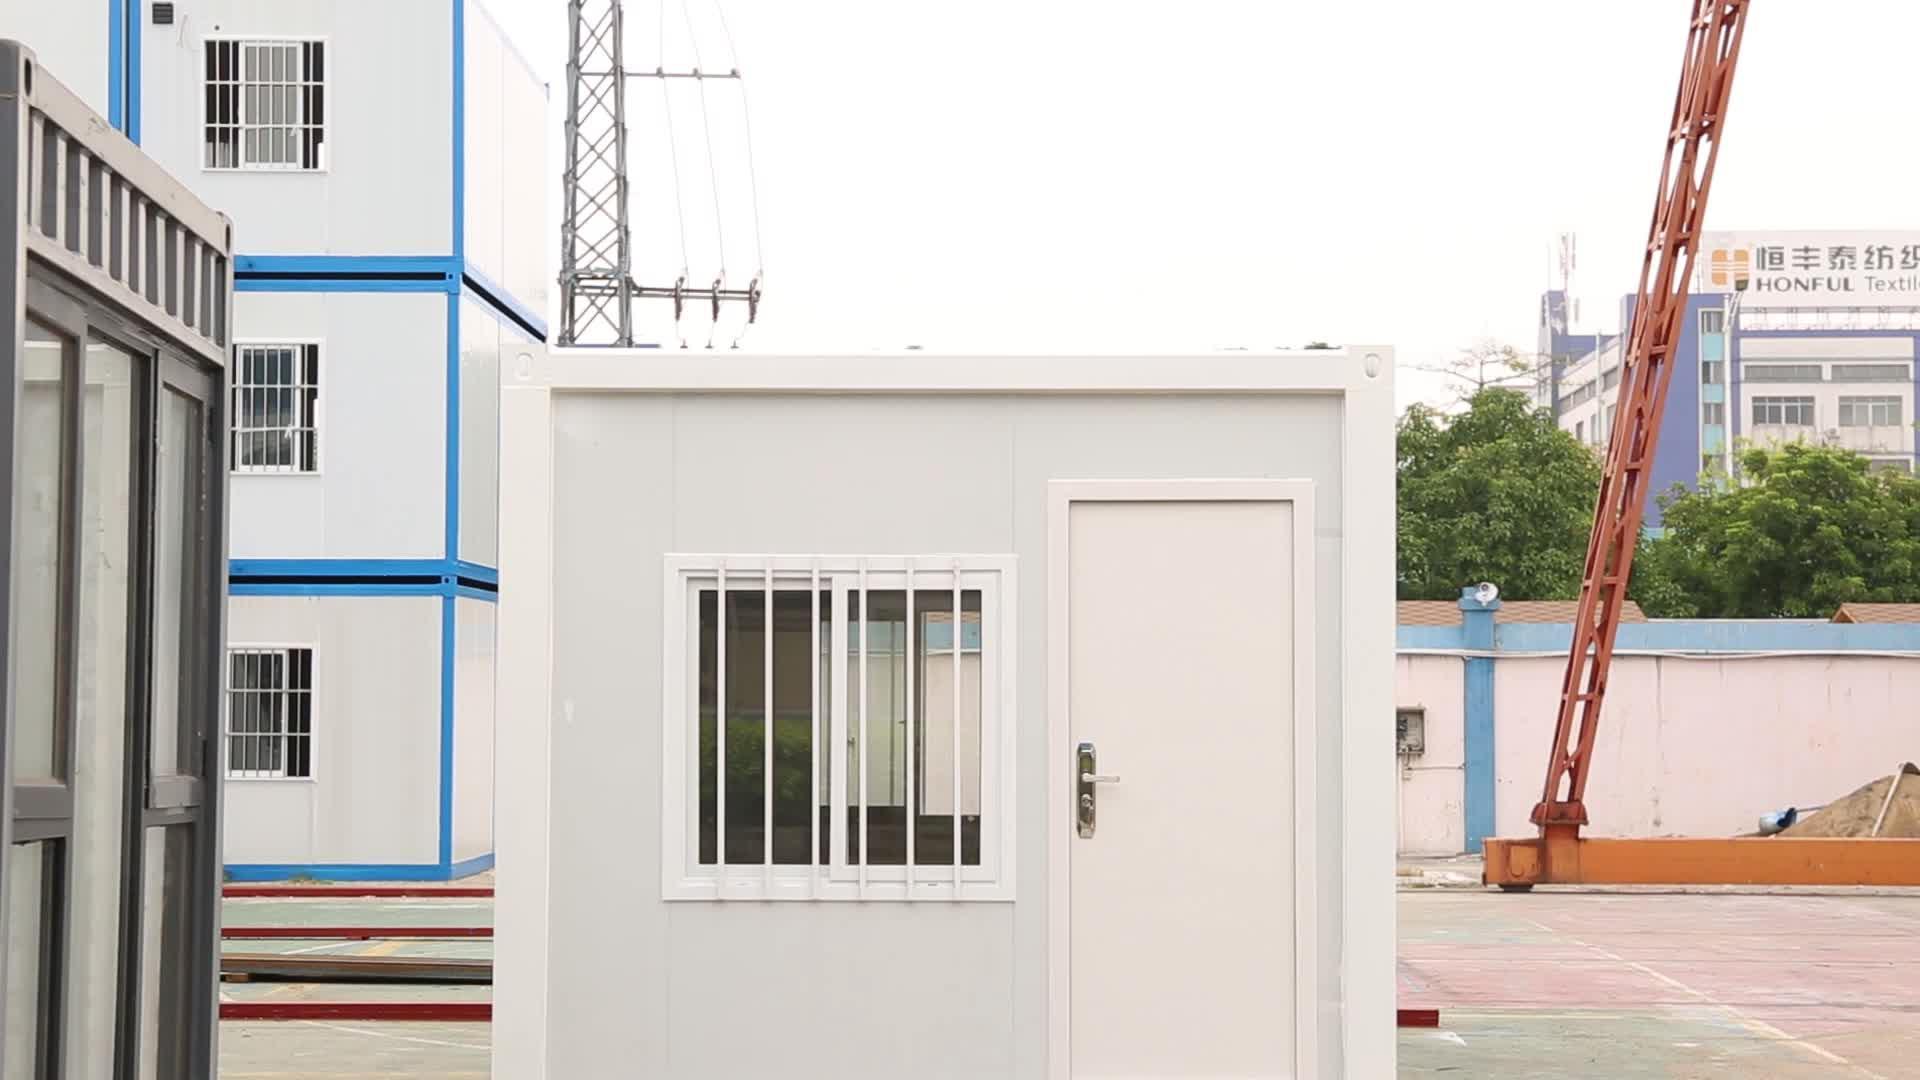 नई फ्लैट पैक मोबाइल घर 20ft 40ft में रहने वाले चल फ्लैट पैक कंटेनर घर